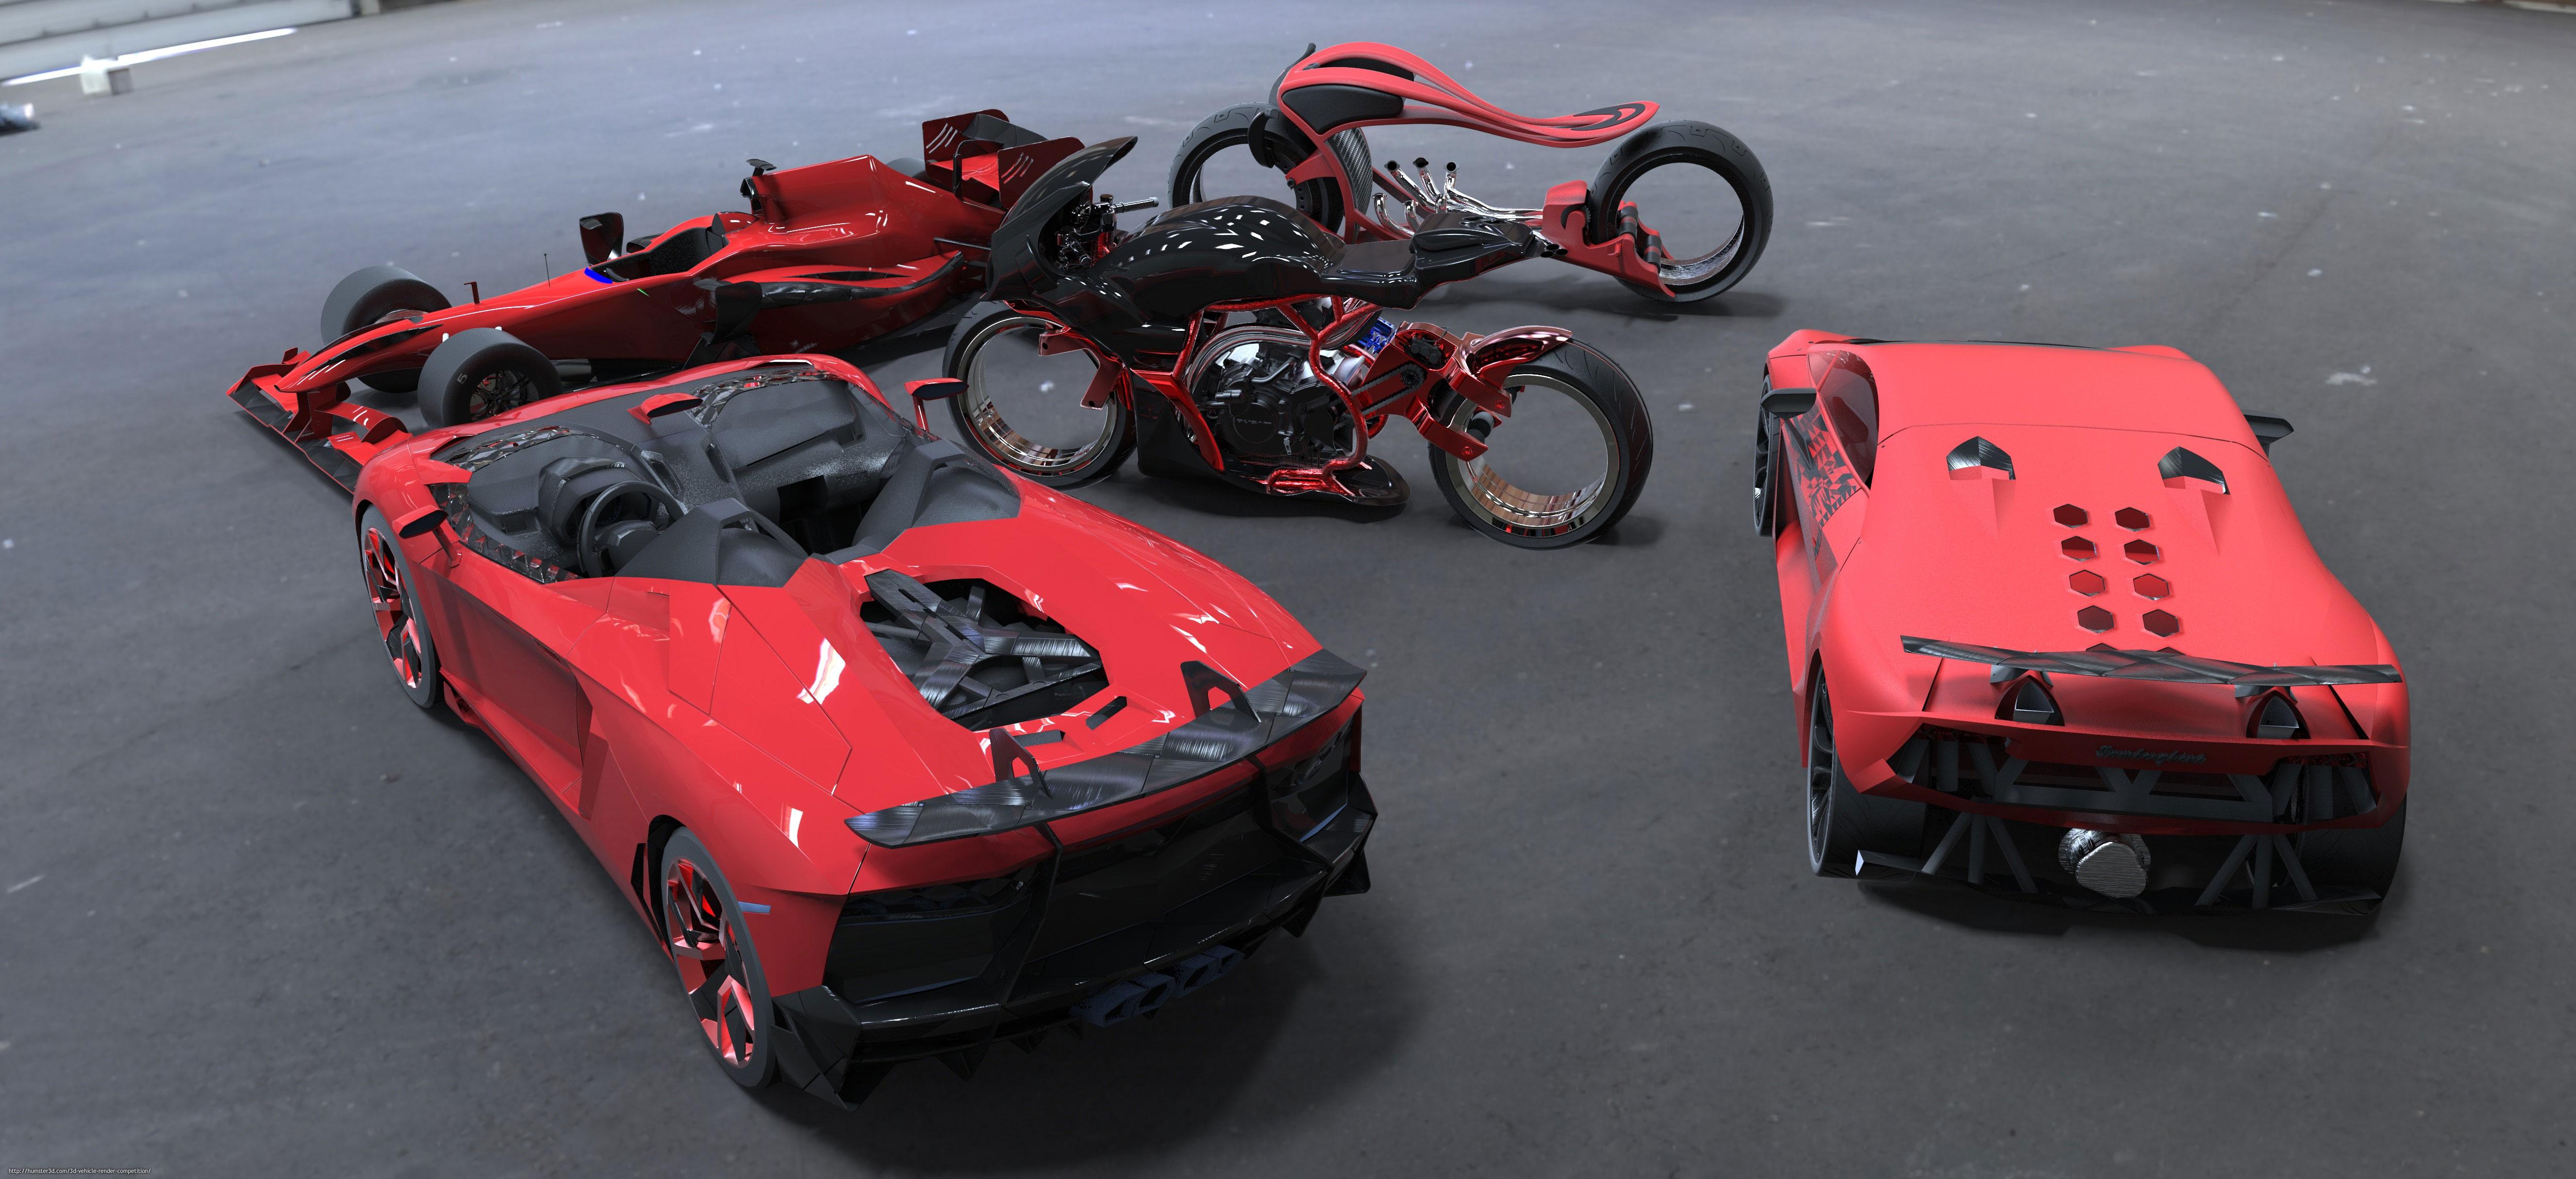 All my models 3d art